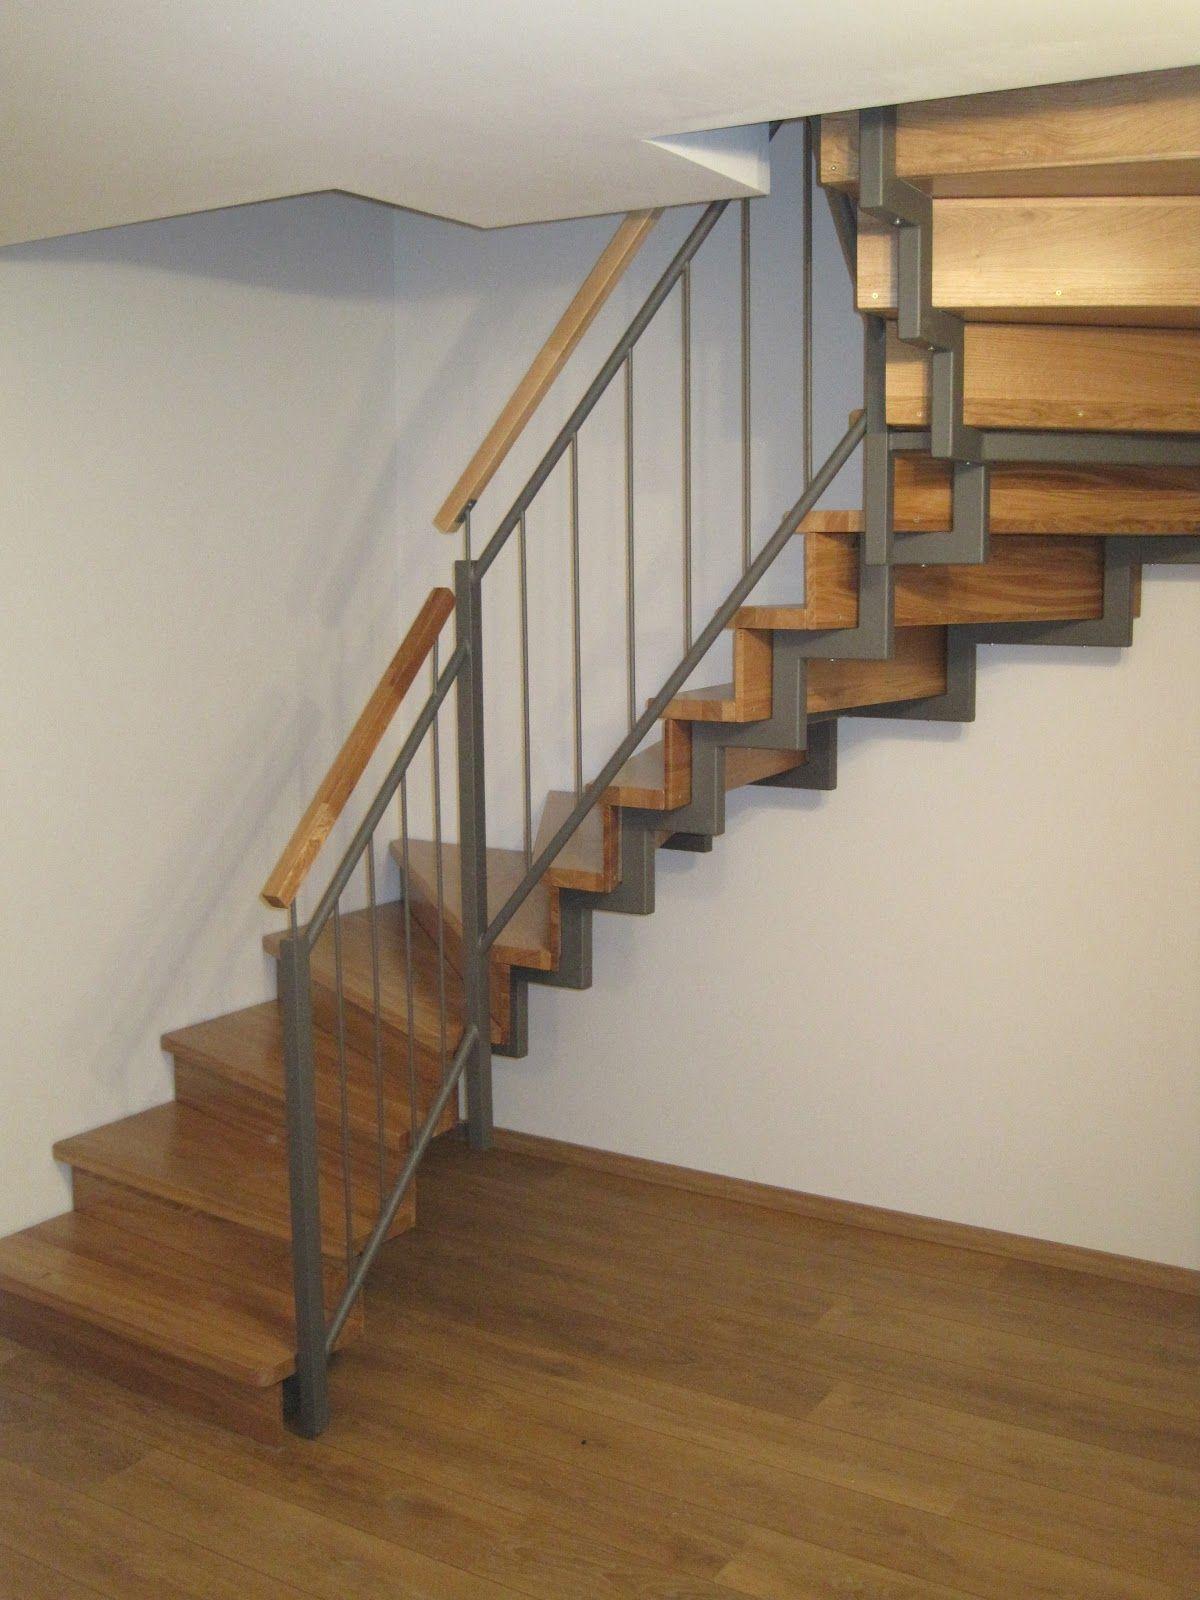 Treppe Mit Setzstufen bildergebnis für holmtreppe buche setzstufen treppe